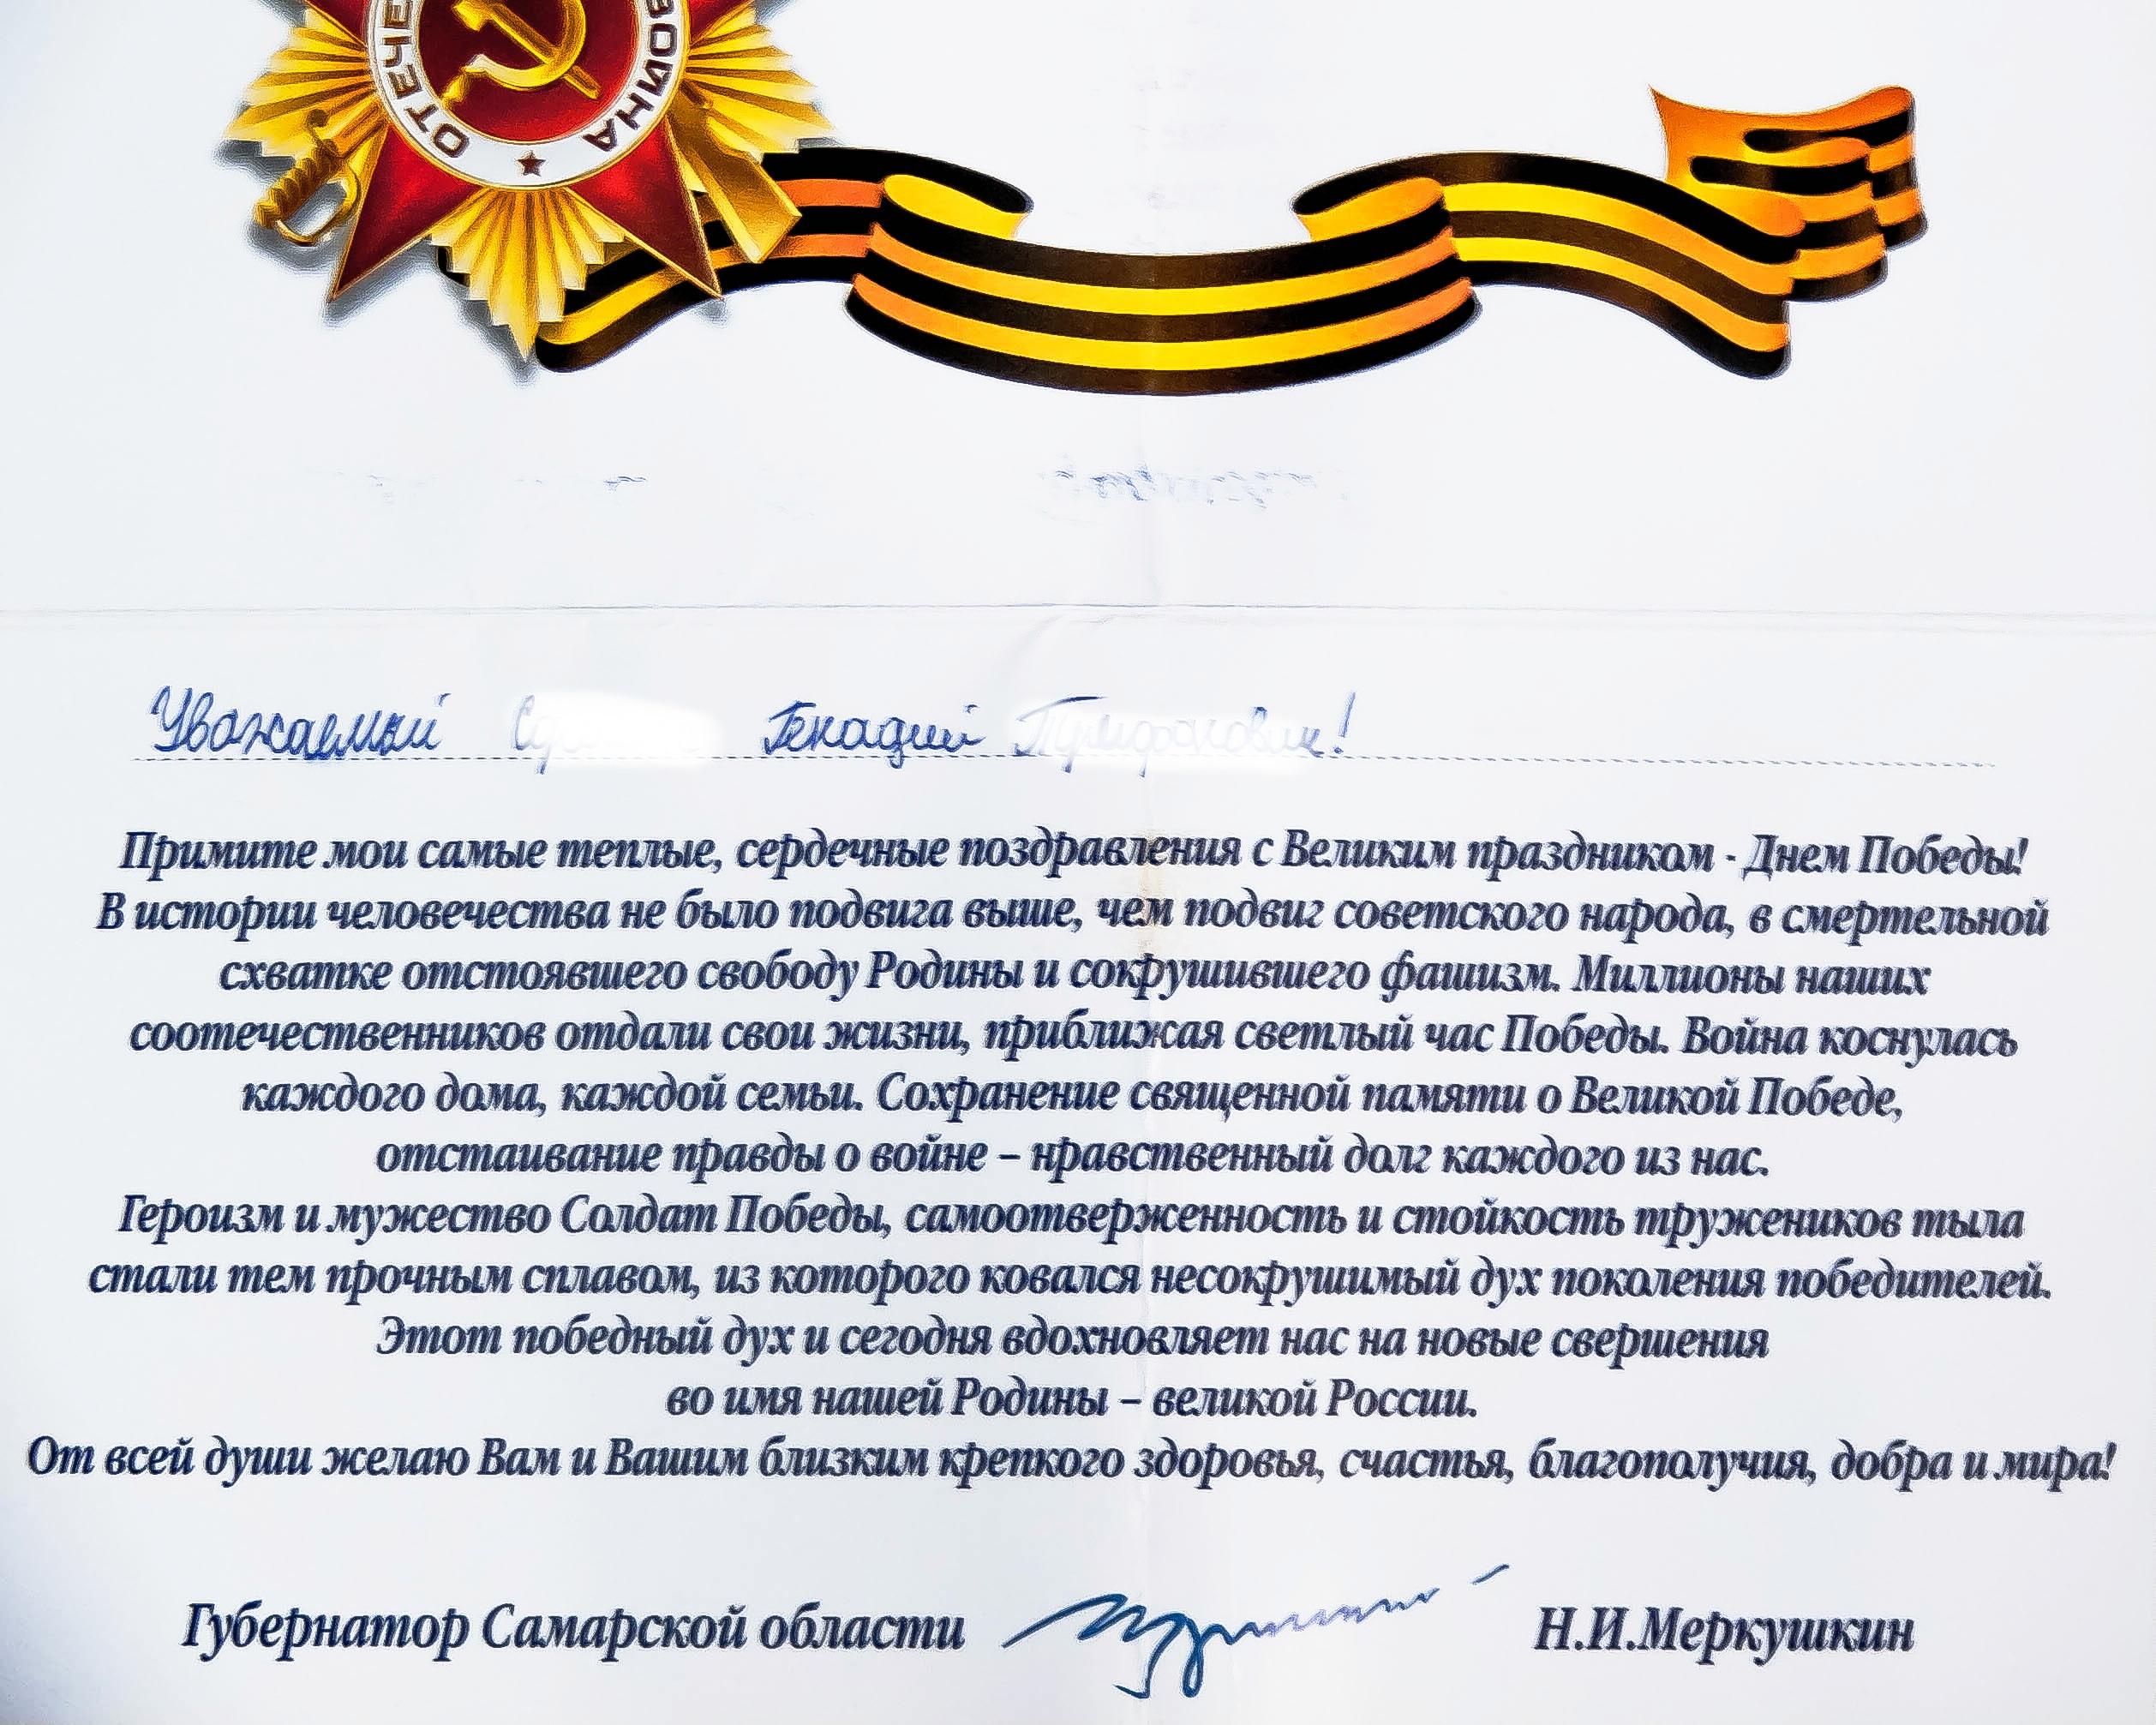 Поздравление губернатора с днем победы